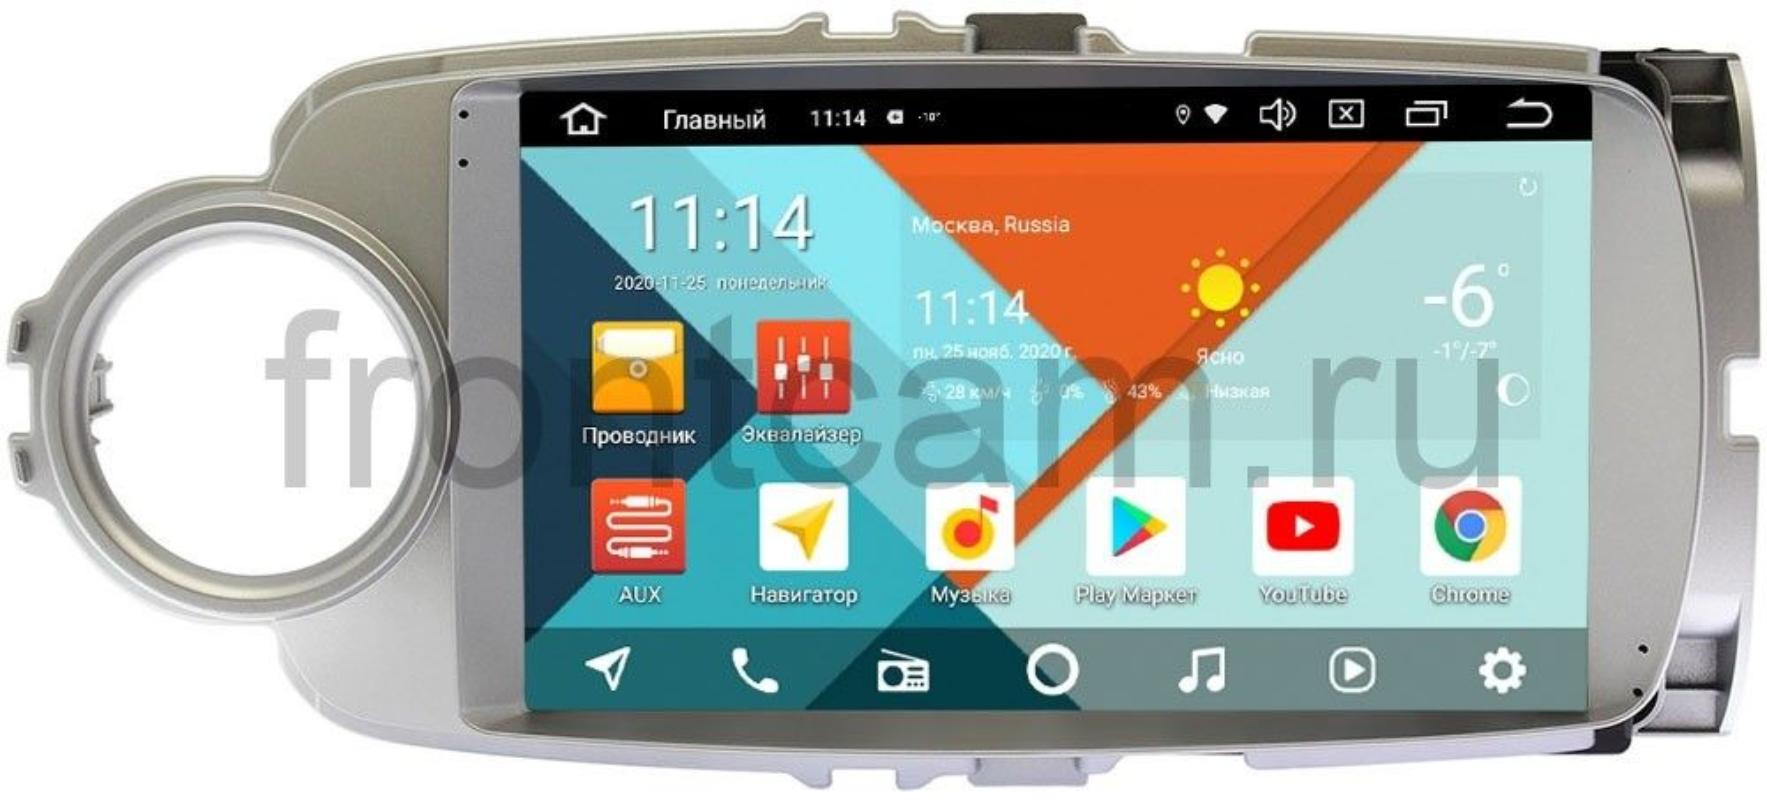 Штатная магнитола Toyota Yaris III (XP130), Vitz III (XP130) 2010-2018 Wide Media KS9245QR-3/32 DSP CarPlay 4G-SIM на Android 10 (+ Камера заднего вида в подарок!)